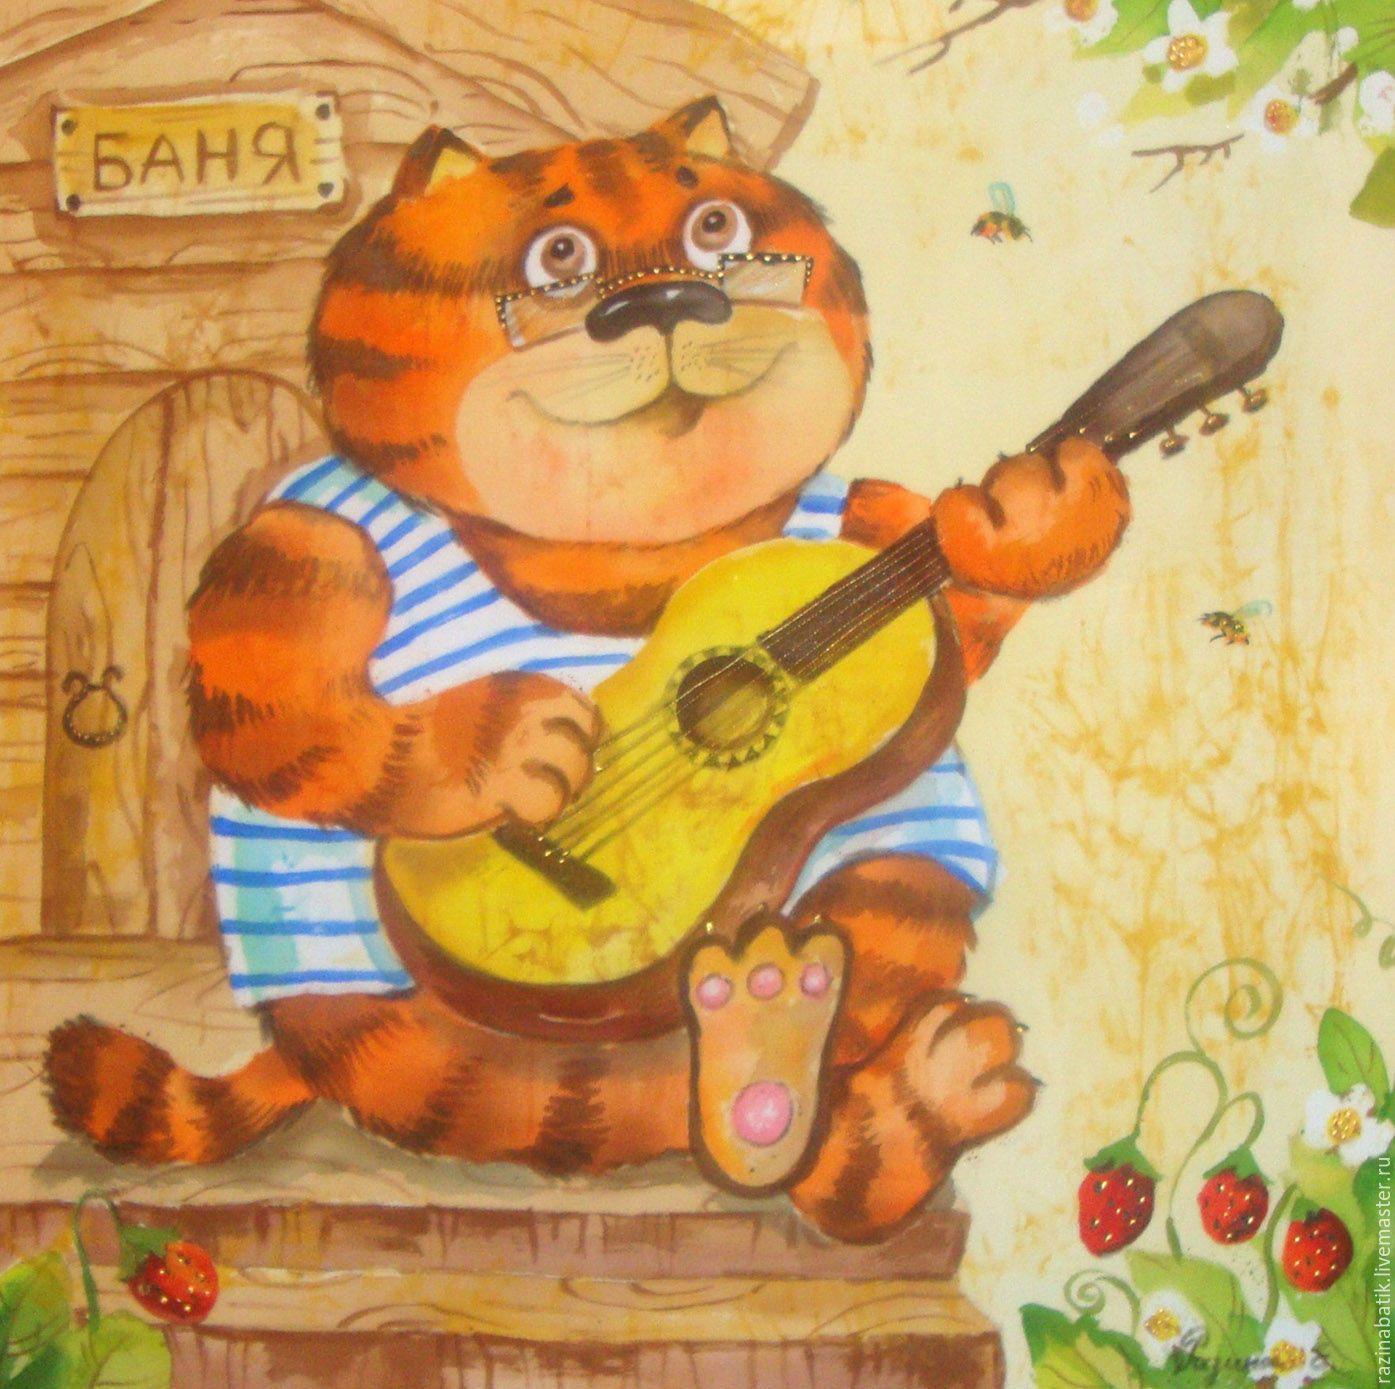 Купить Жизнь удалась - оранжевый, кот, юмор, картина, Батик, отдых, отпуск